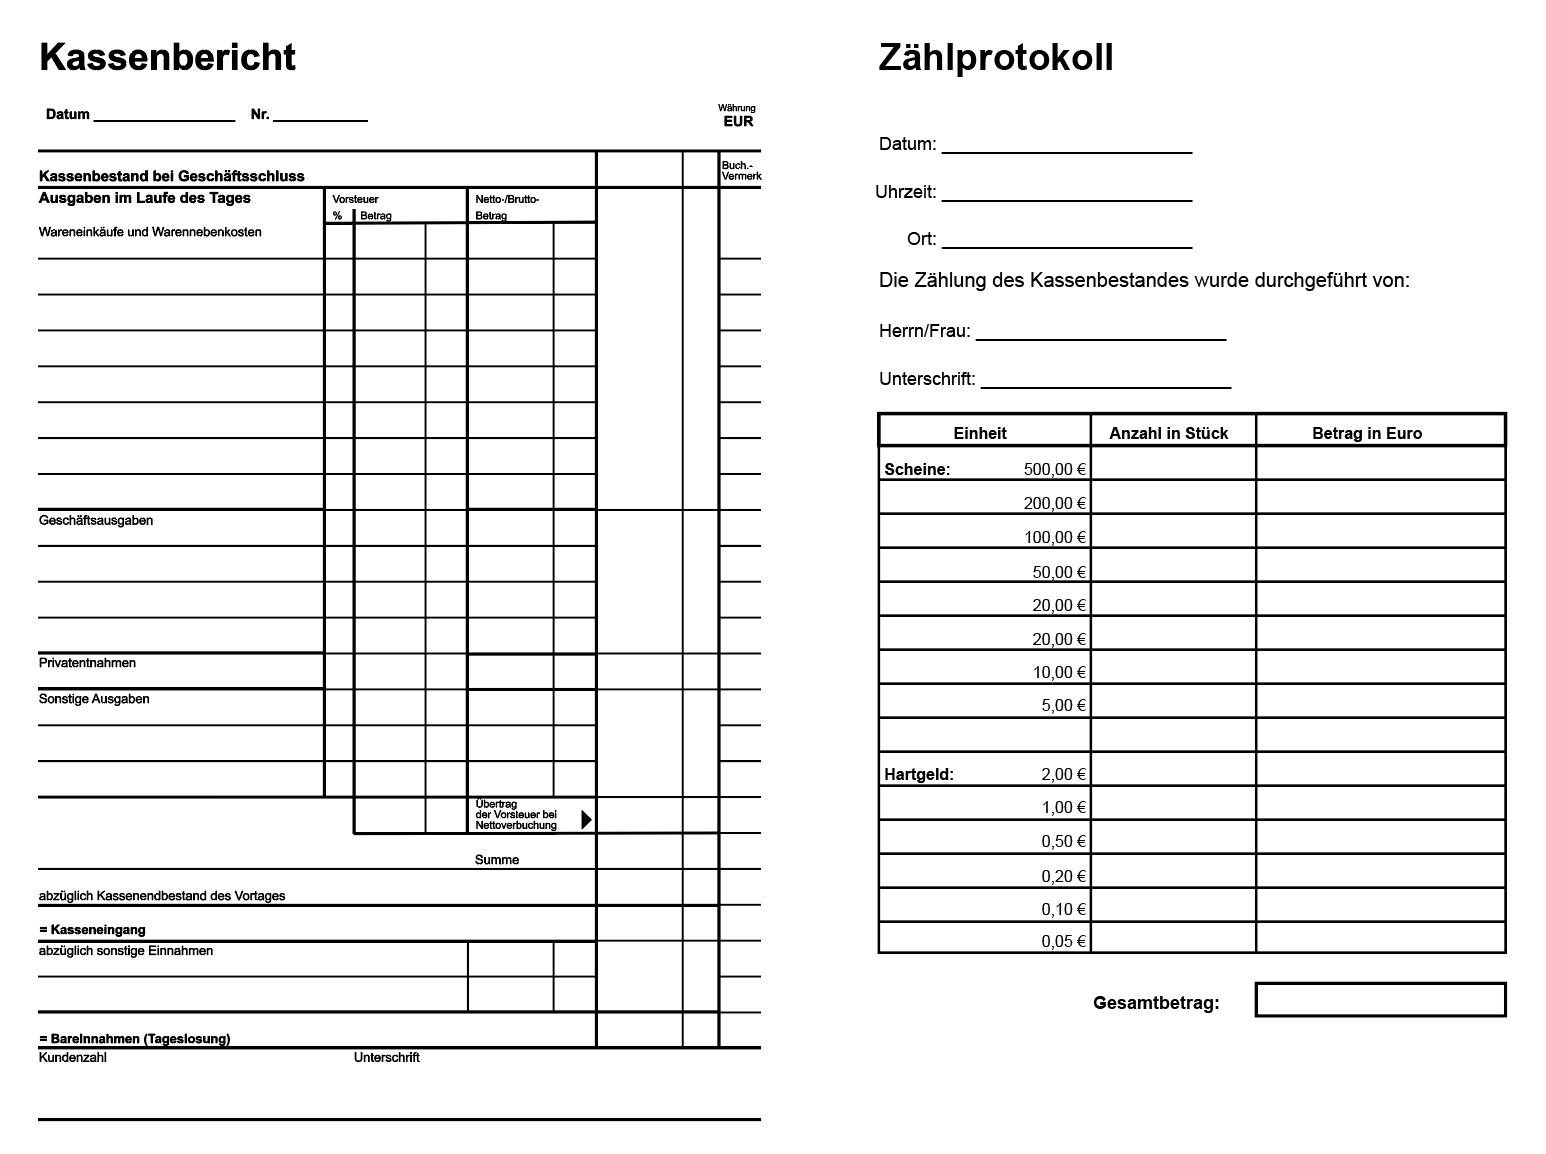 Kassenbericht Und Zahlprotokoll Pdf Vorlagen Anschreiben Vorlage Excel Vorlage